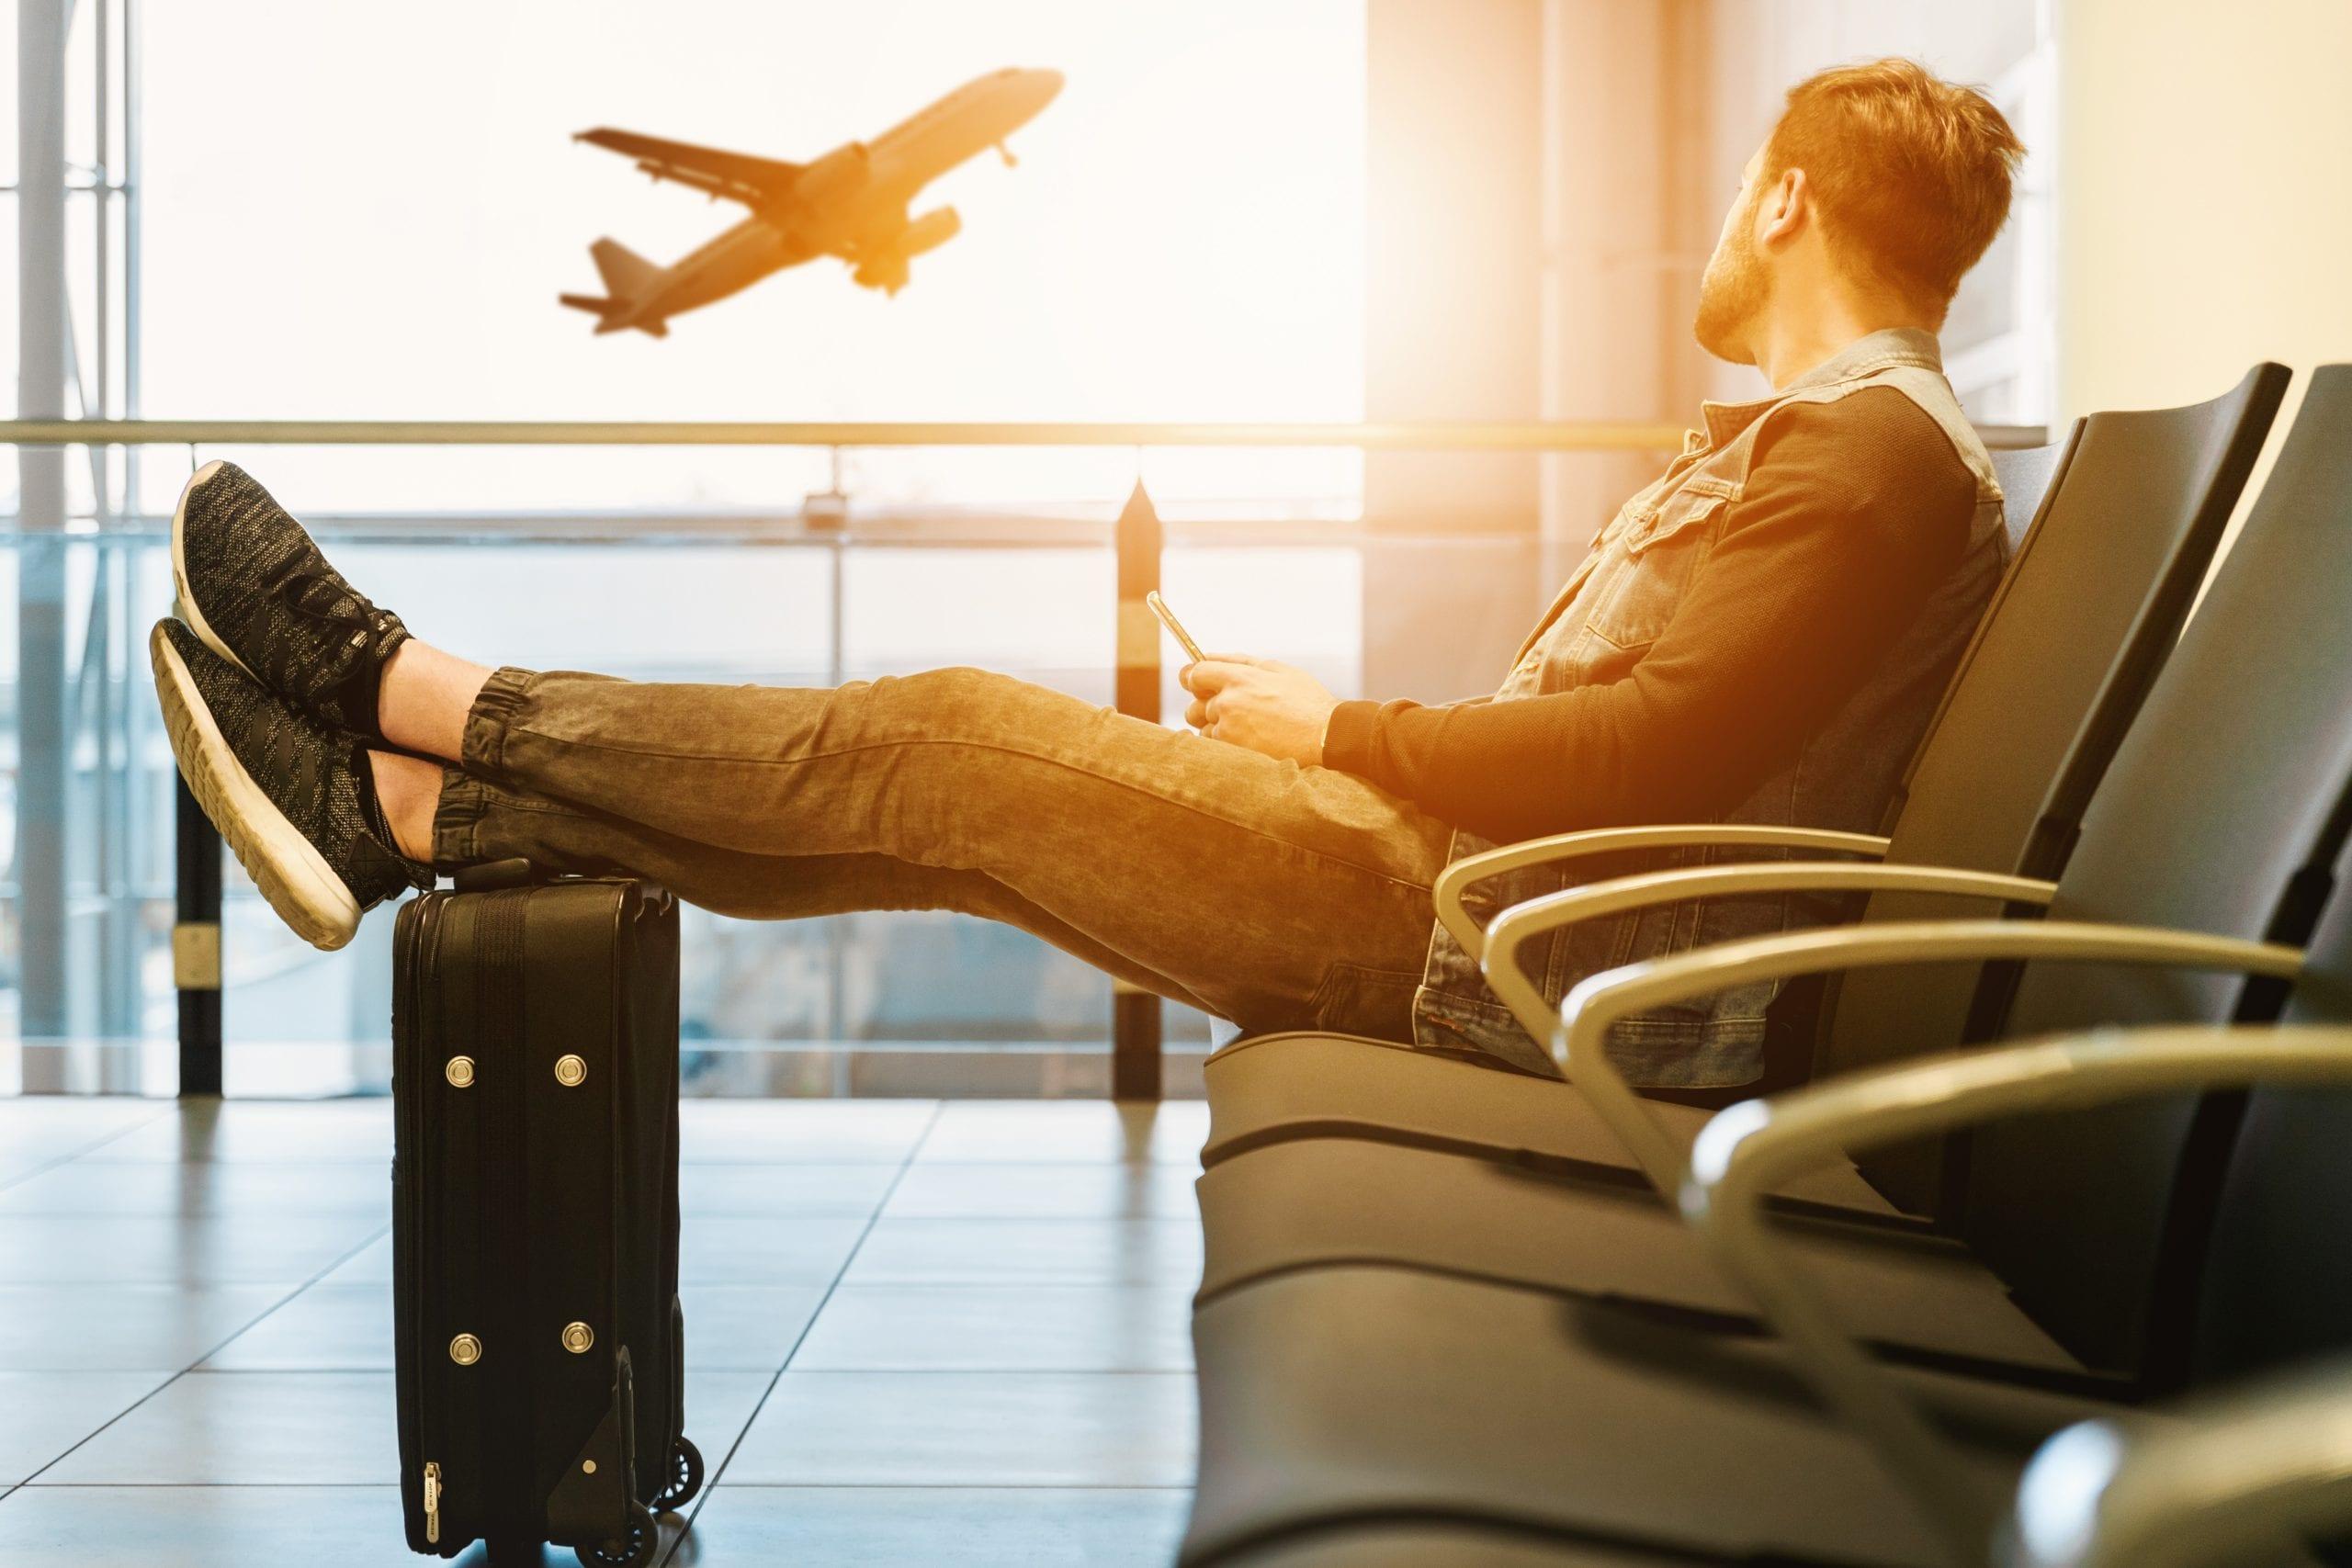 delta baggage fees